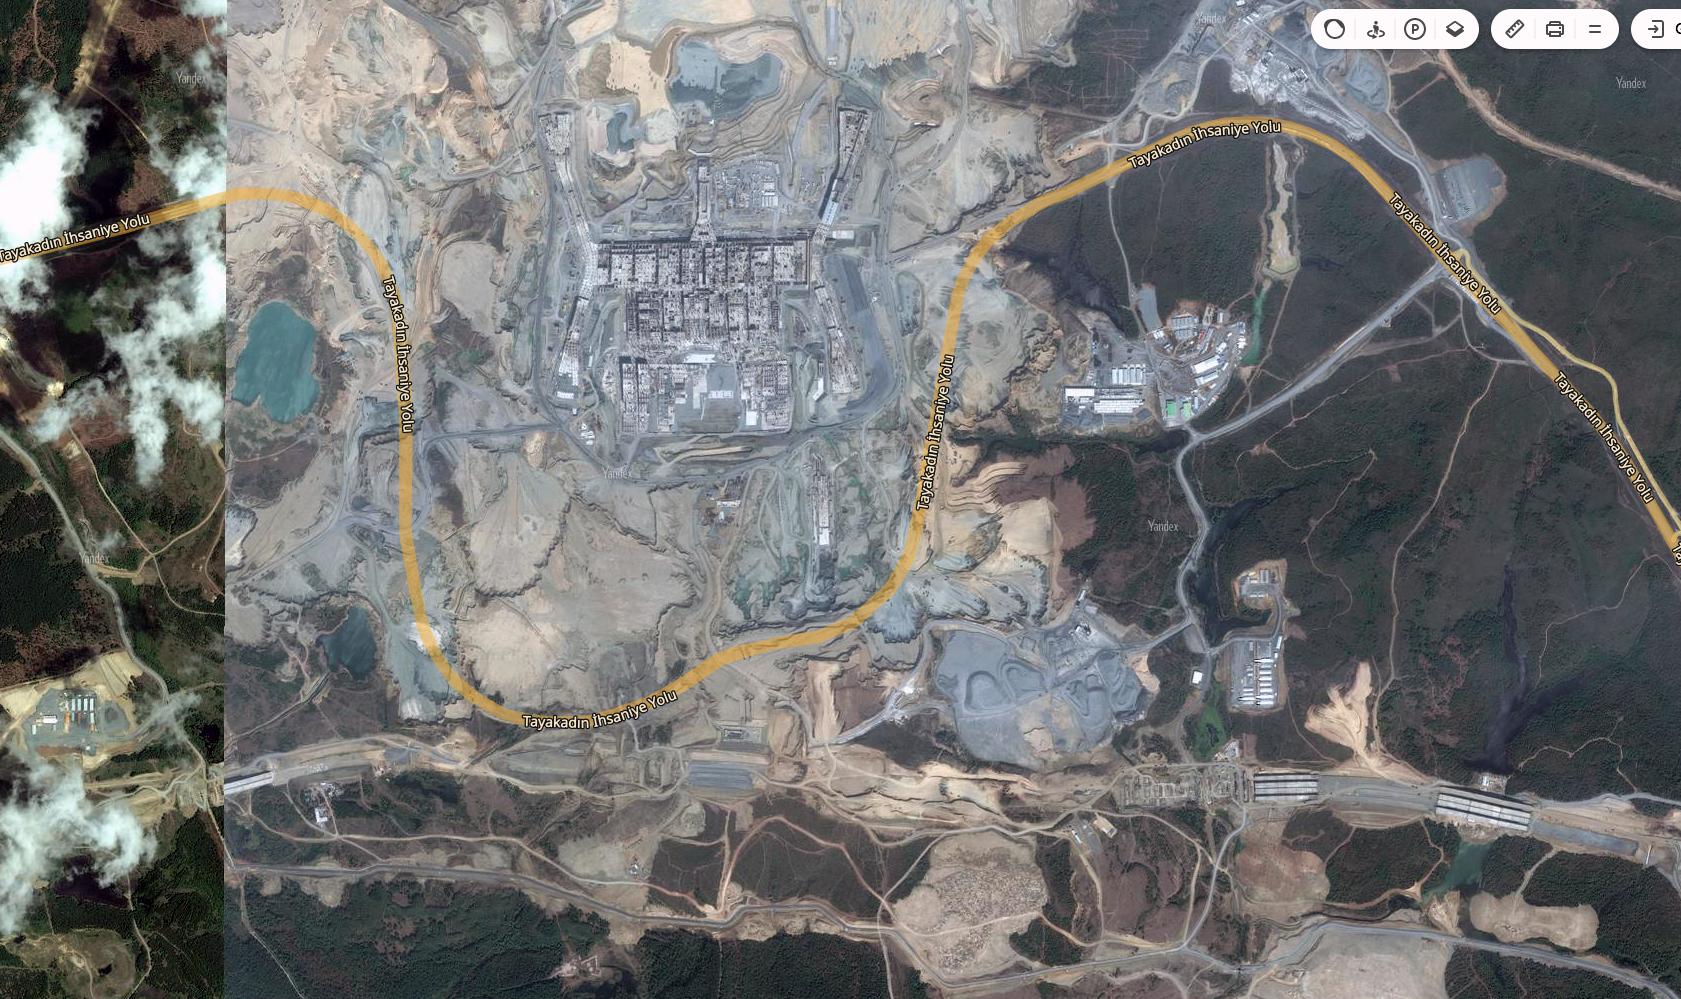 Kuzey Ormanları Savunması: 3. Havalimanı Bahane, Ticari Alan Yapılıyor